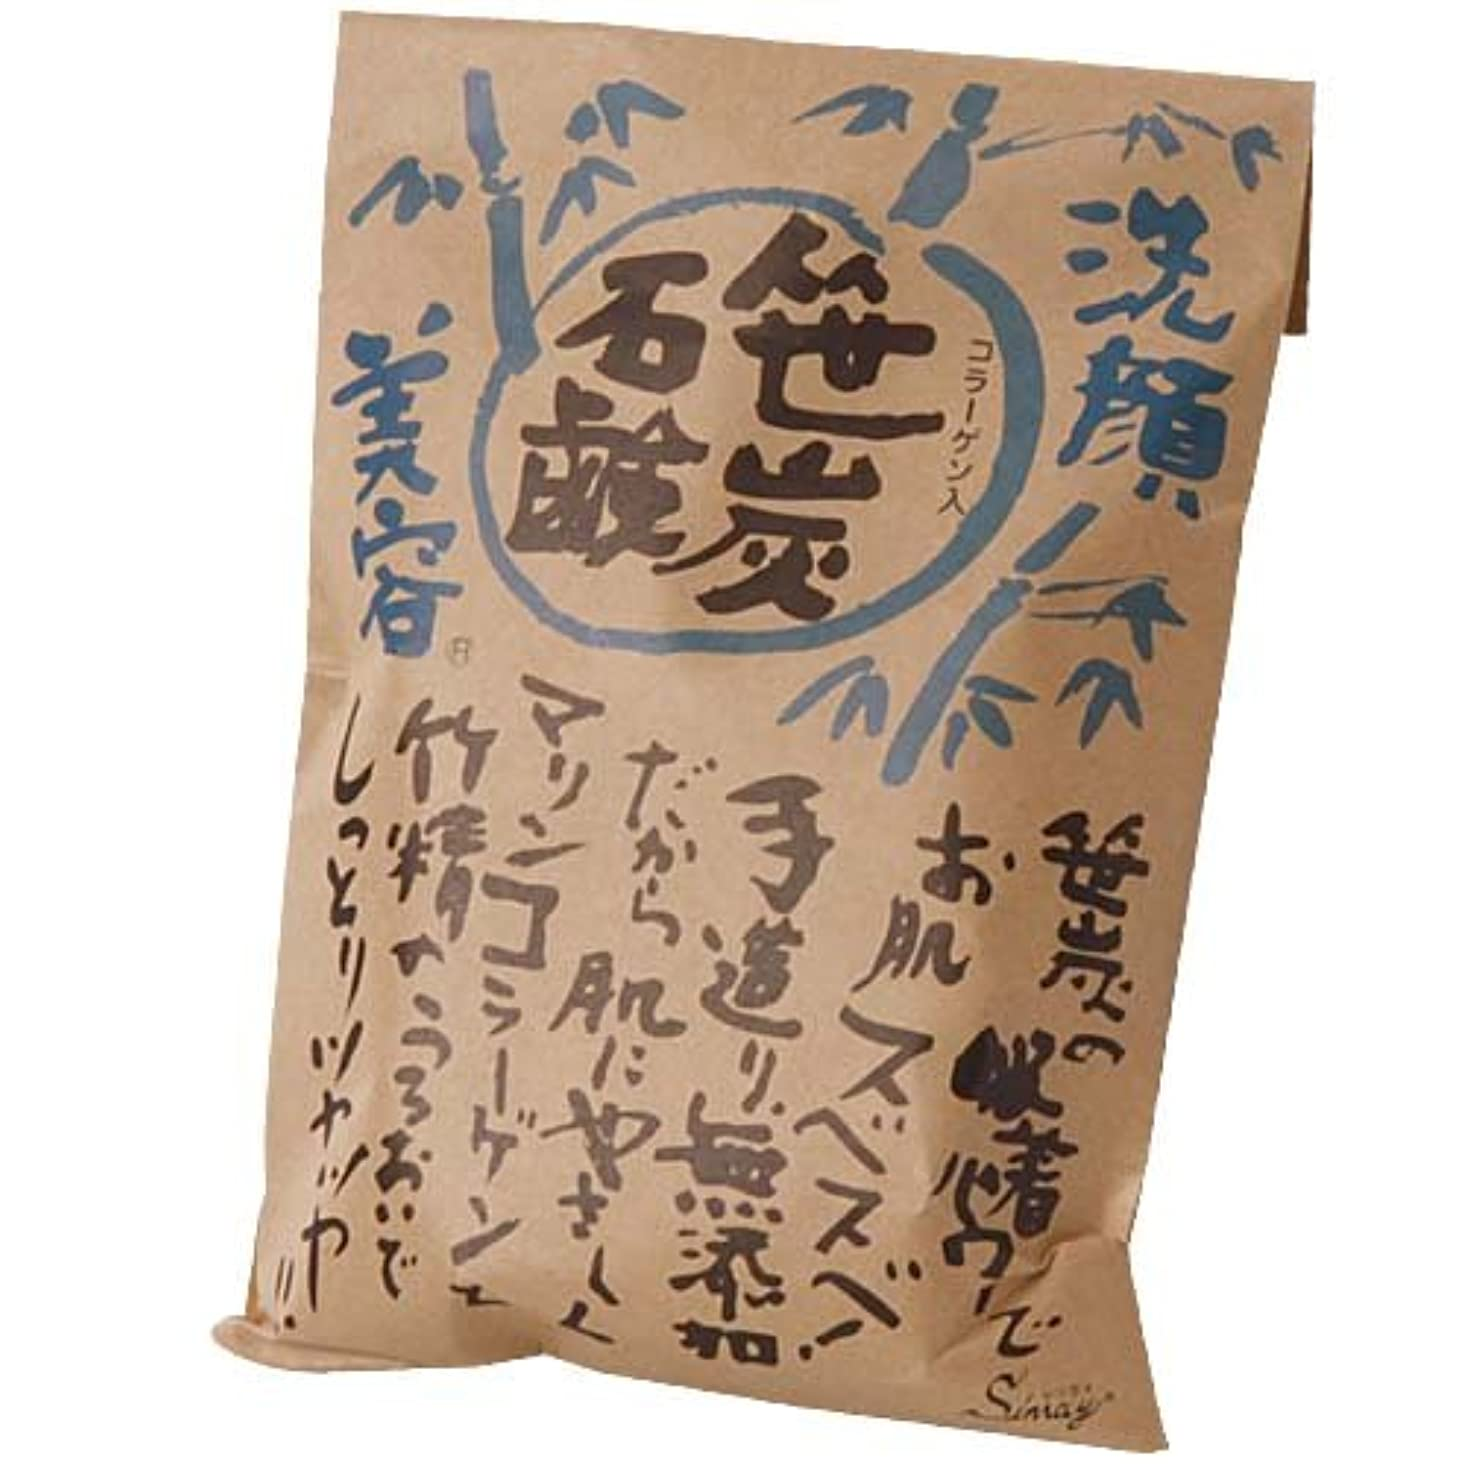 上院ダーツ擁する笹炭石鹸コラーゲン入り(洗顔用)100g(?????付き)